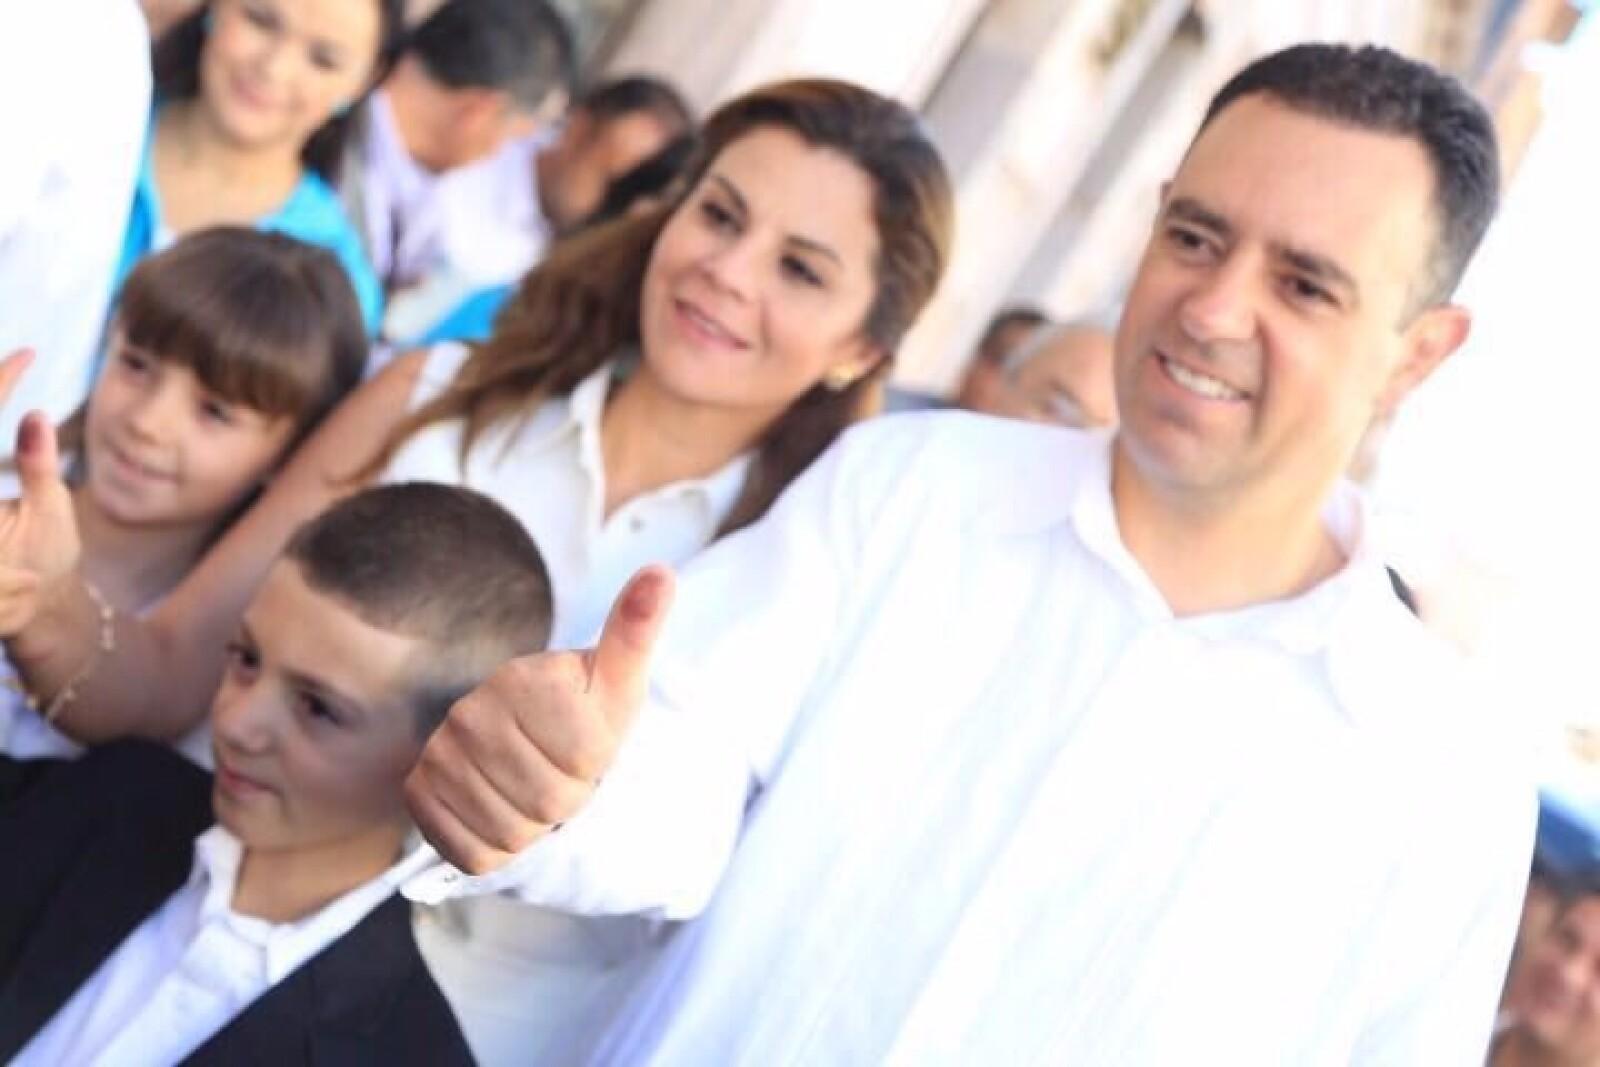 Alejandro Tello, candidato del PRI a la gubernatura de Zacatecas, aseguró que en caso de que los resultados no le favorezcan los va a aceptar, y mencionó que existen las condiciones y la seguridad para que la ciudadanía emita su voto.